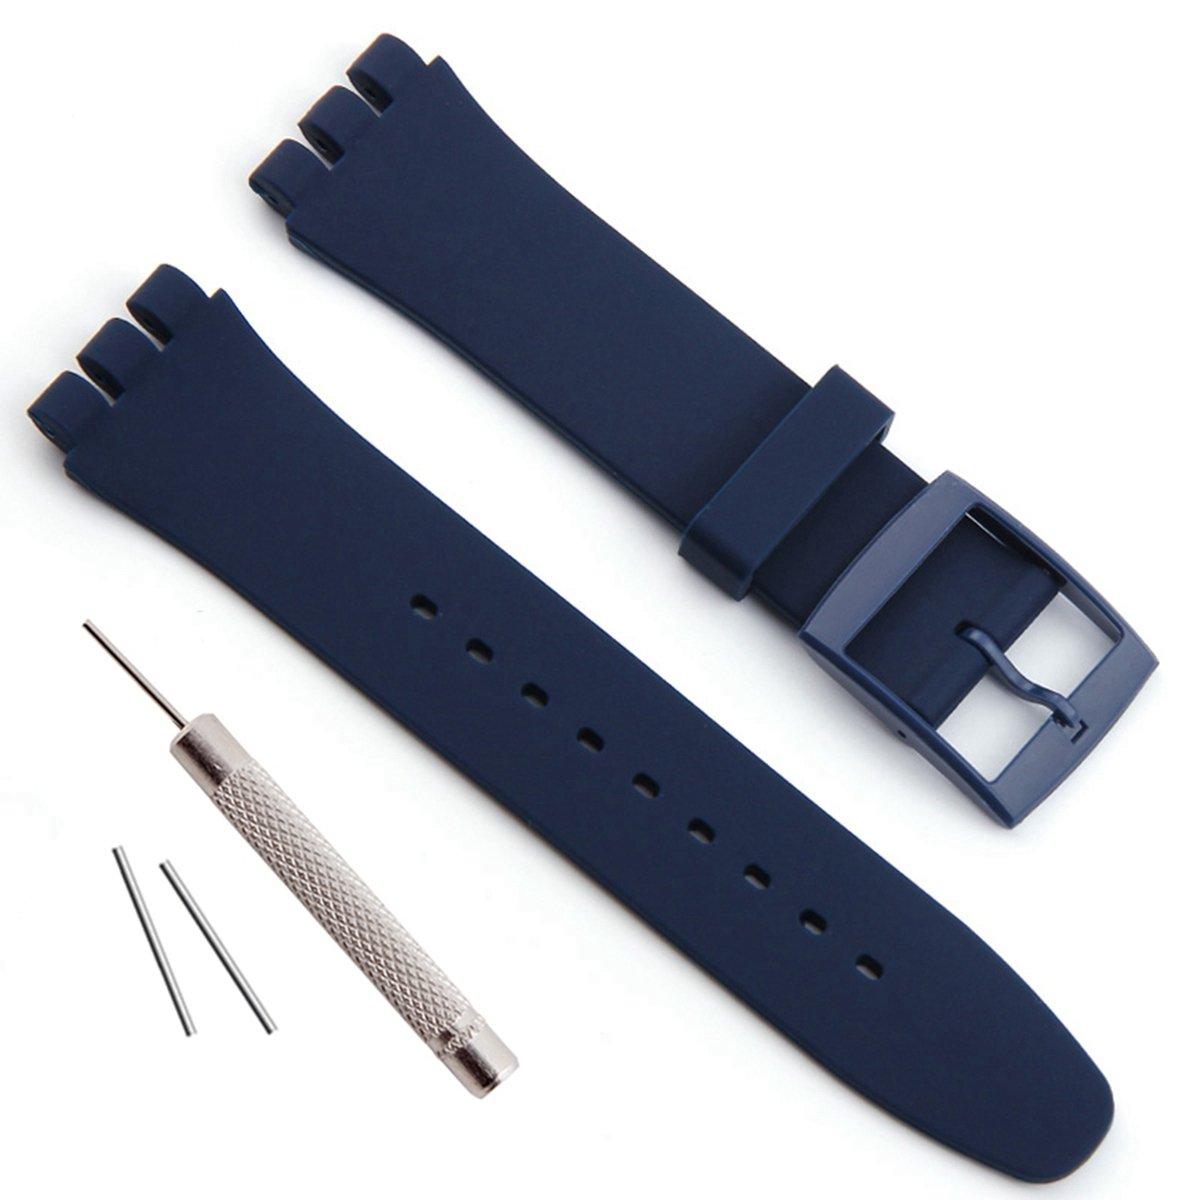 見本交換防水シリコンラバー腕時計ストラップ時計バンド(17 mm 19 mm 20 mm) 19mm ネイビーブルー 19mm|ネイビーブルー ネイビーブルー 19mm B074Z95WMW